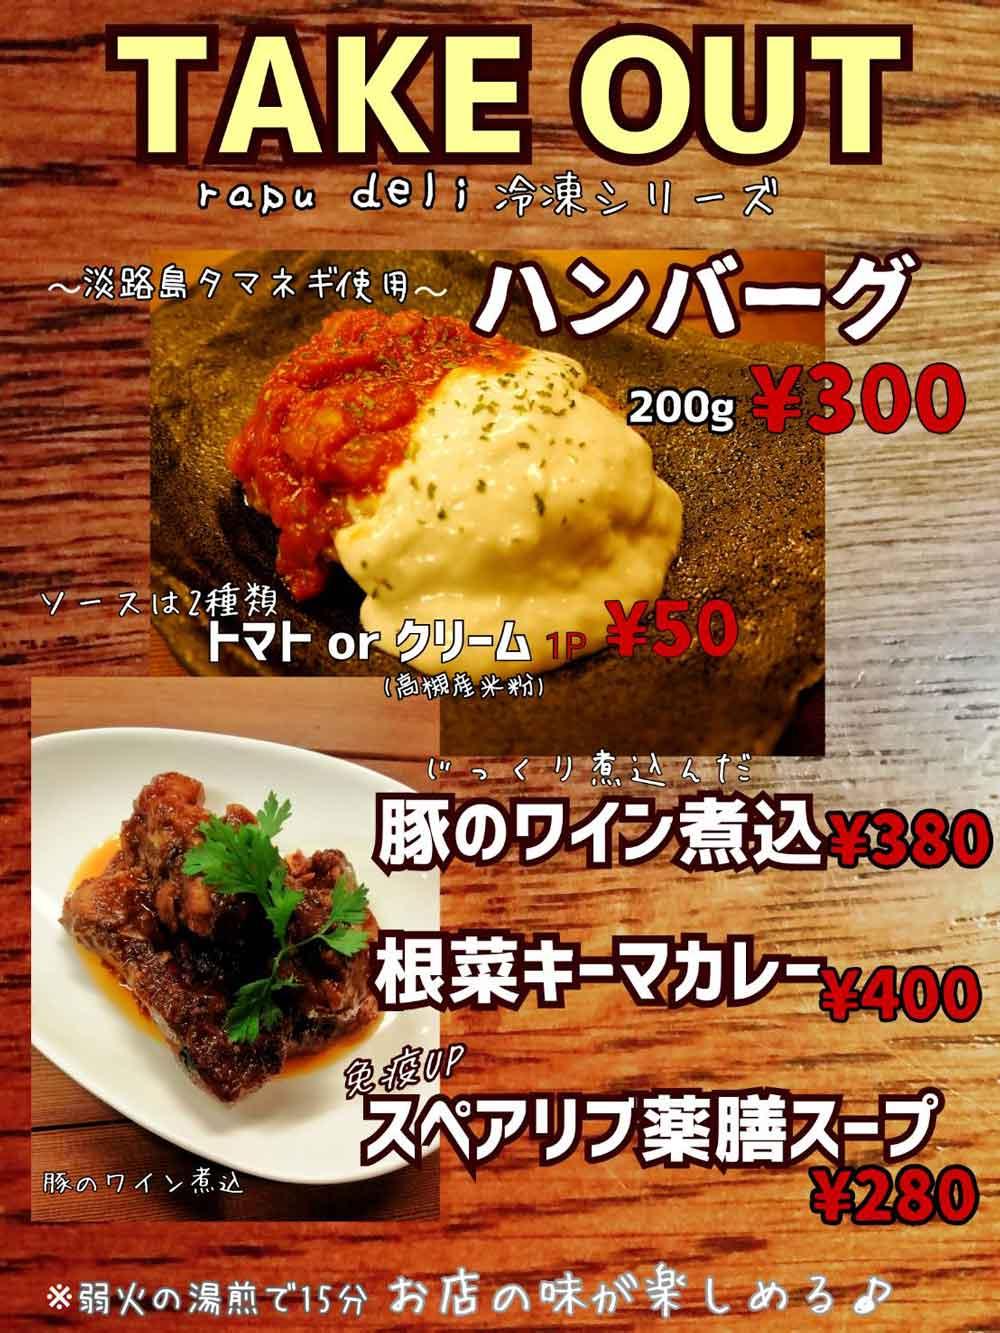 鉄板焼・燻製料理 らぷらぷのイメージ写真